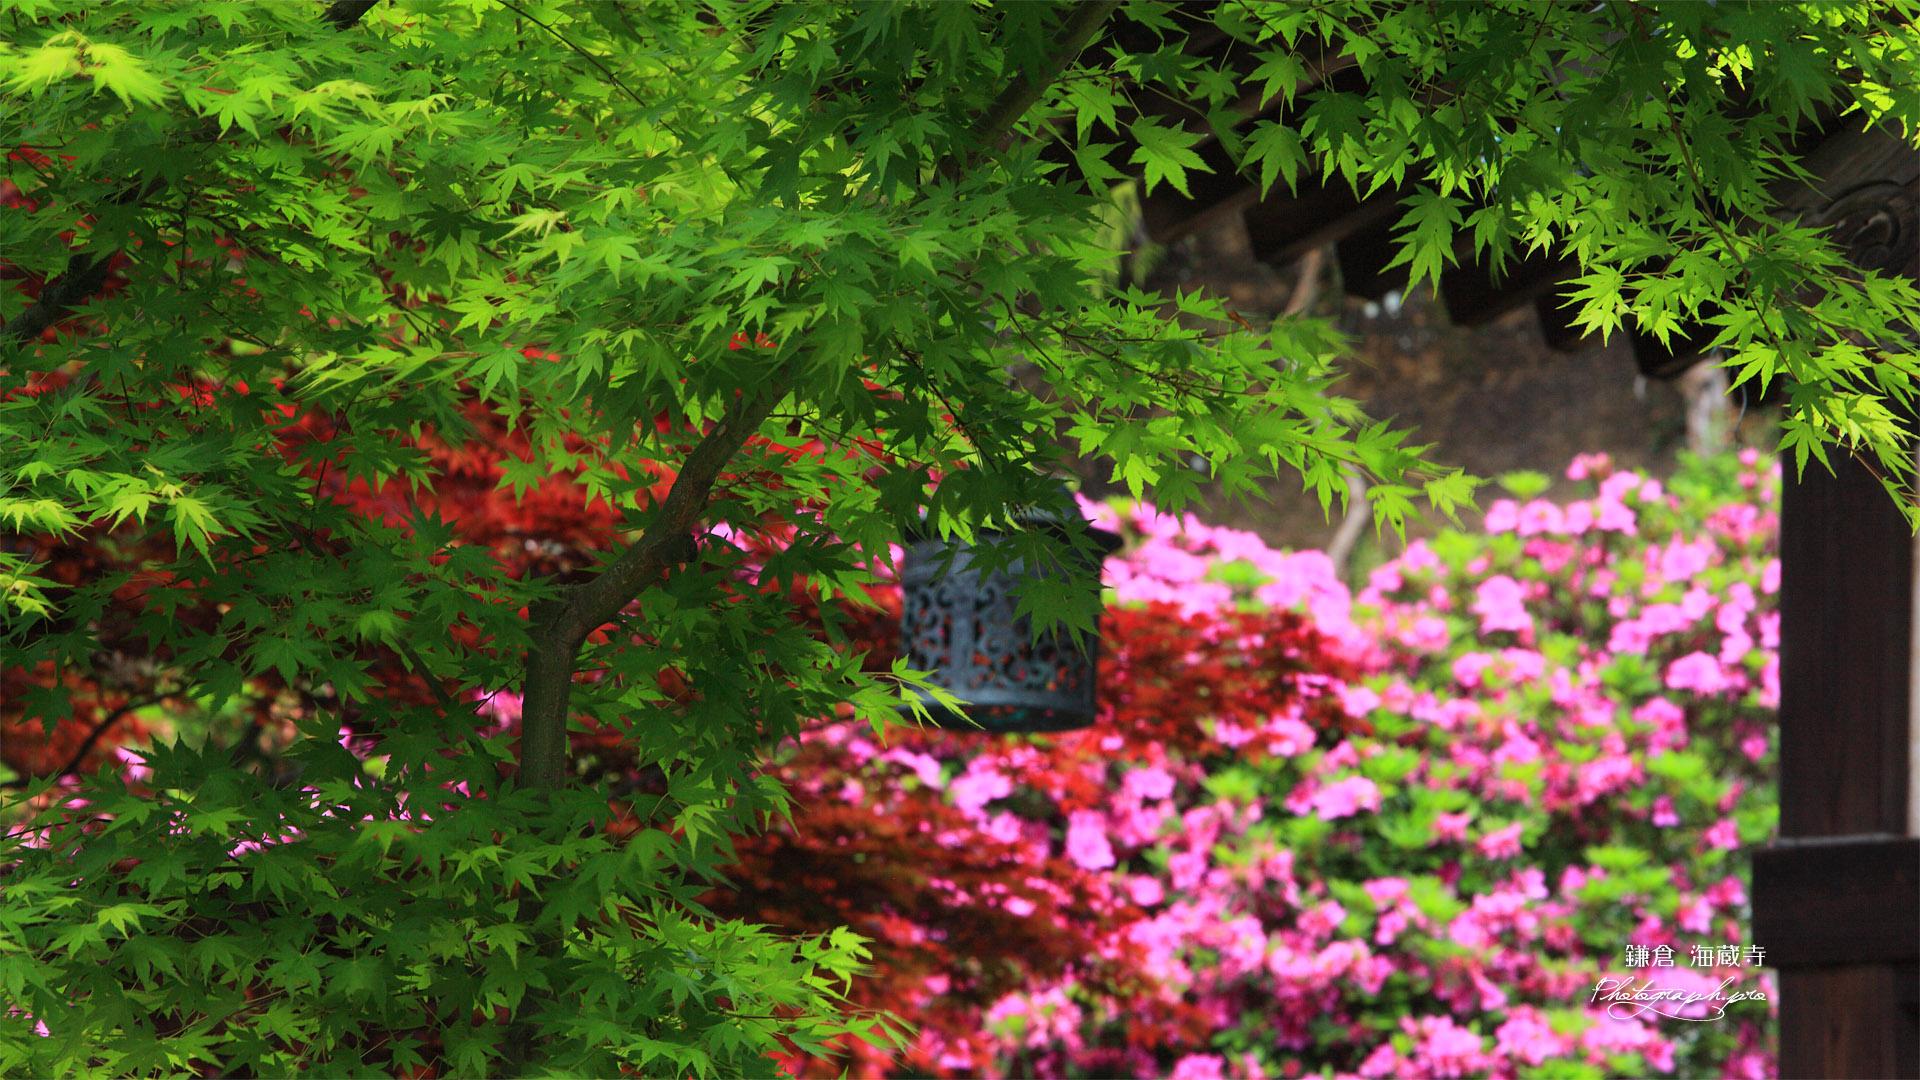 海蔵寺 新緑とツツジ